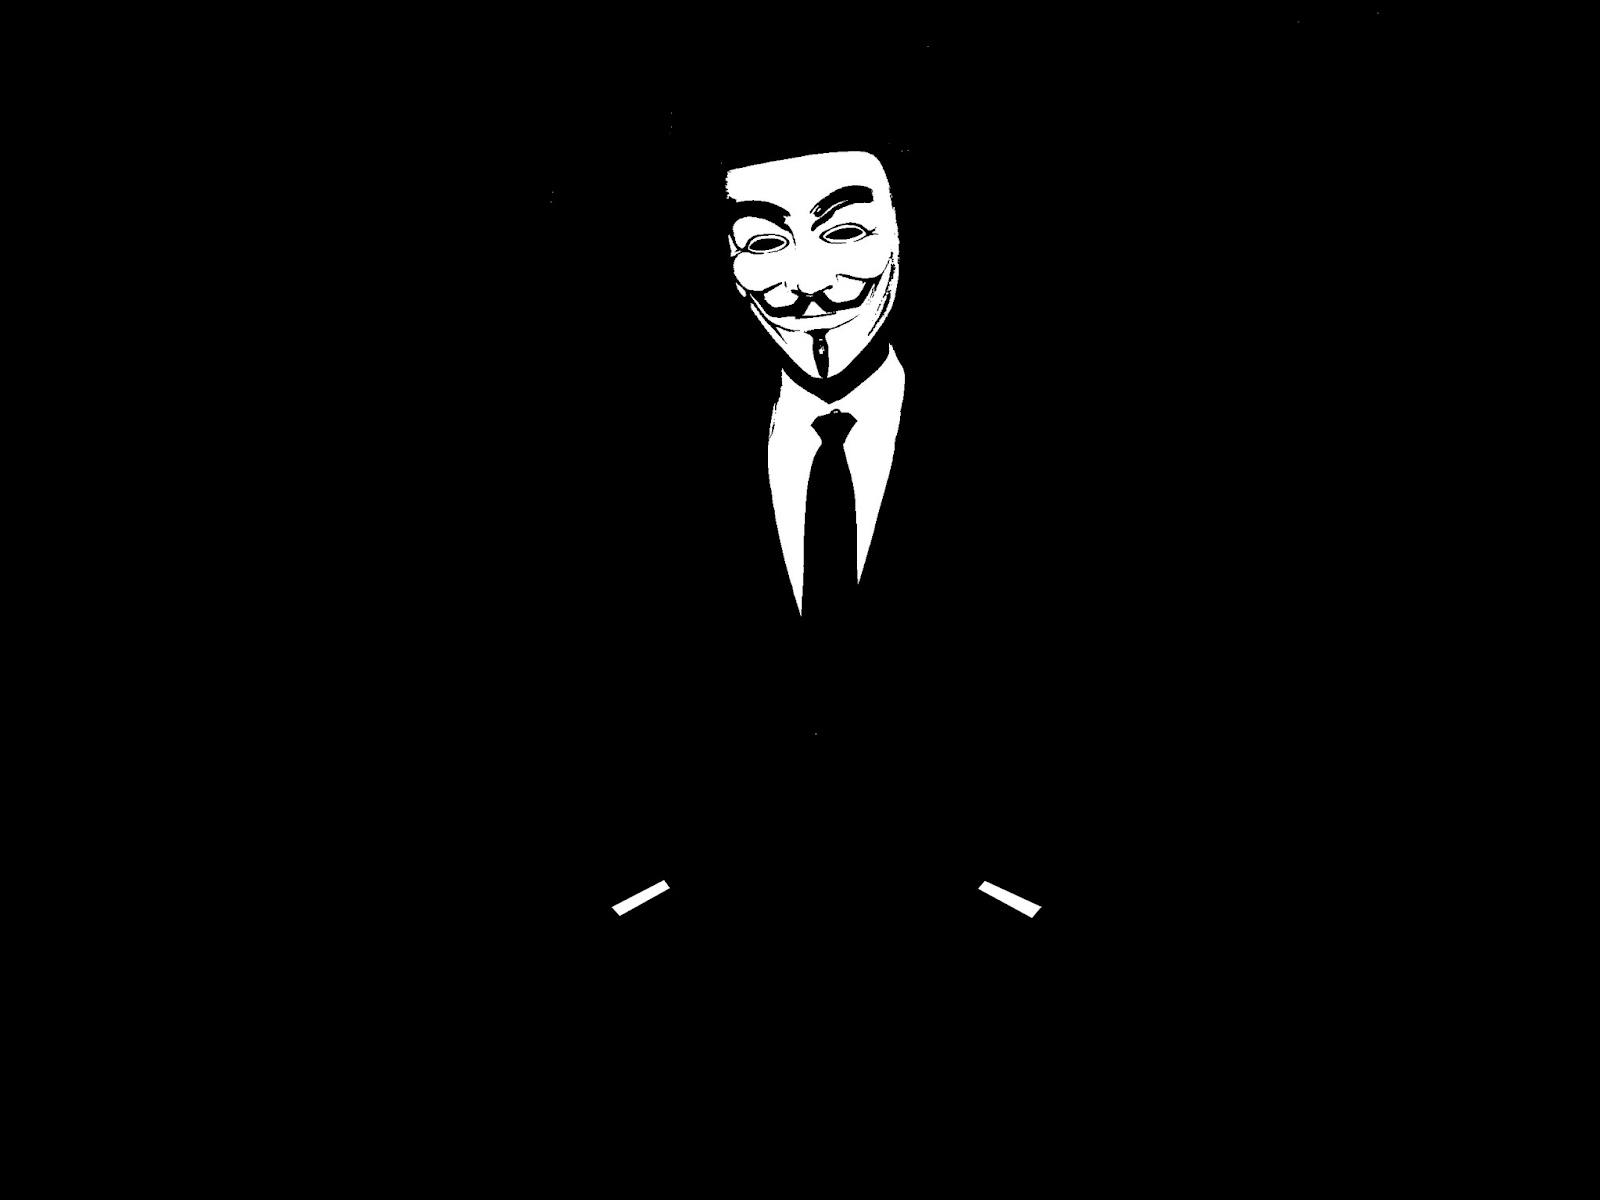 Wallpaper iphone gelap - Gudangnya Gambar Dan Hd Wallpaper Keren Pc Komputer Iphone Android 30 Wallpaper Hd Anonymous